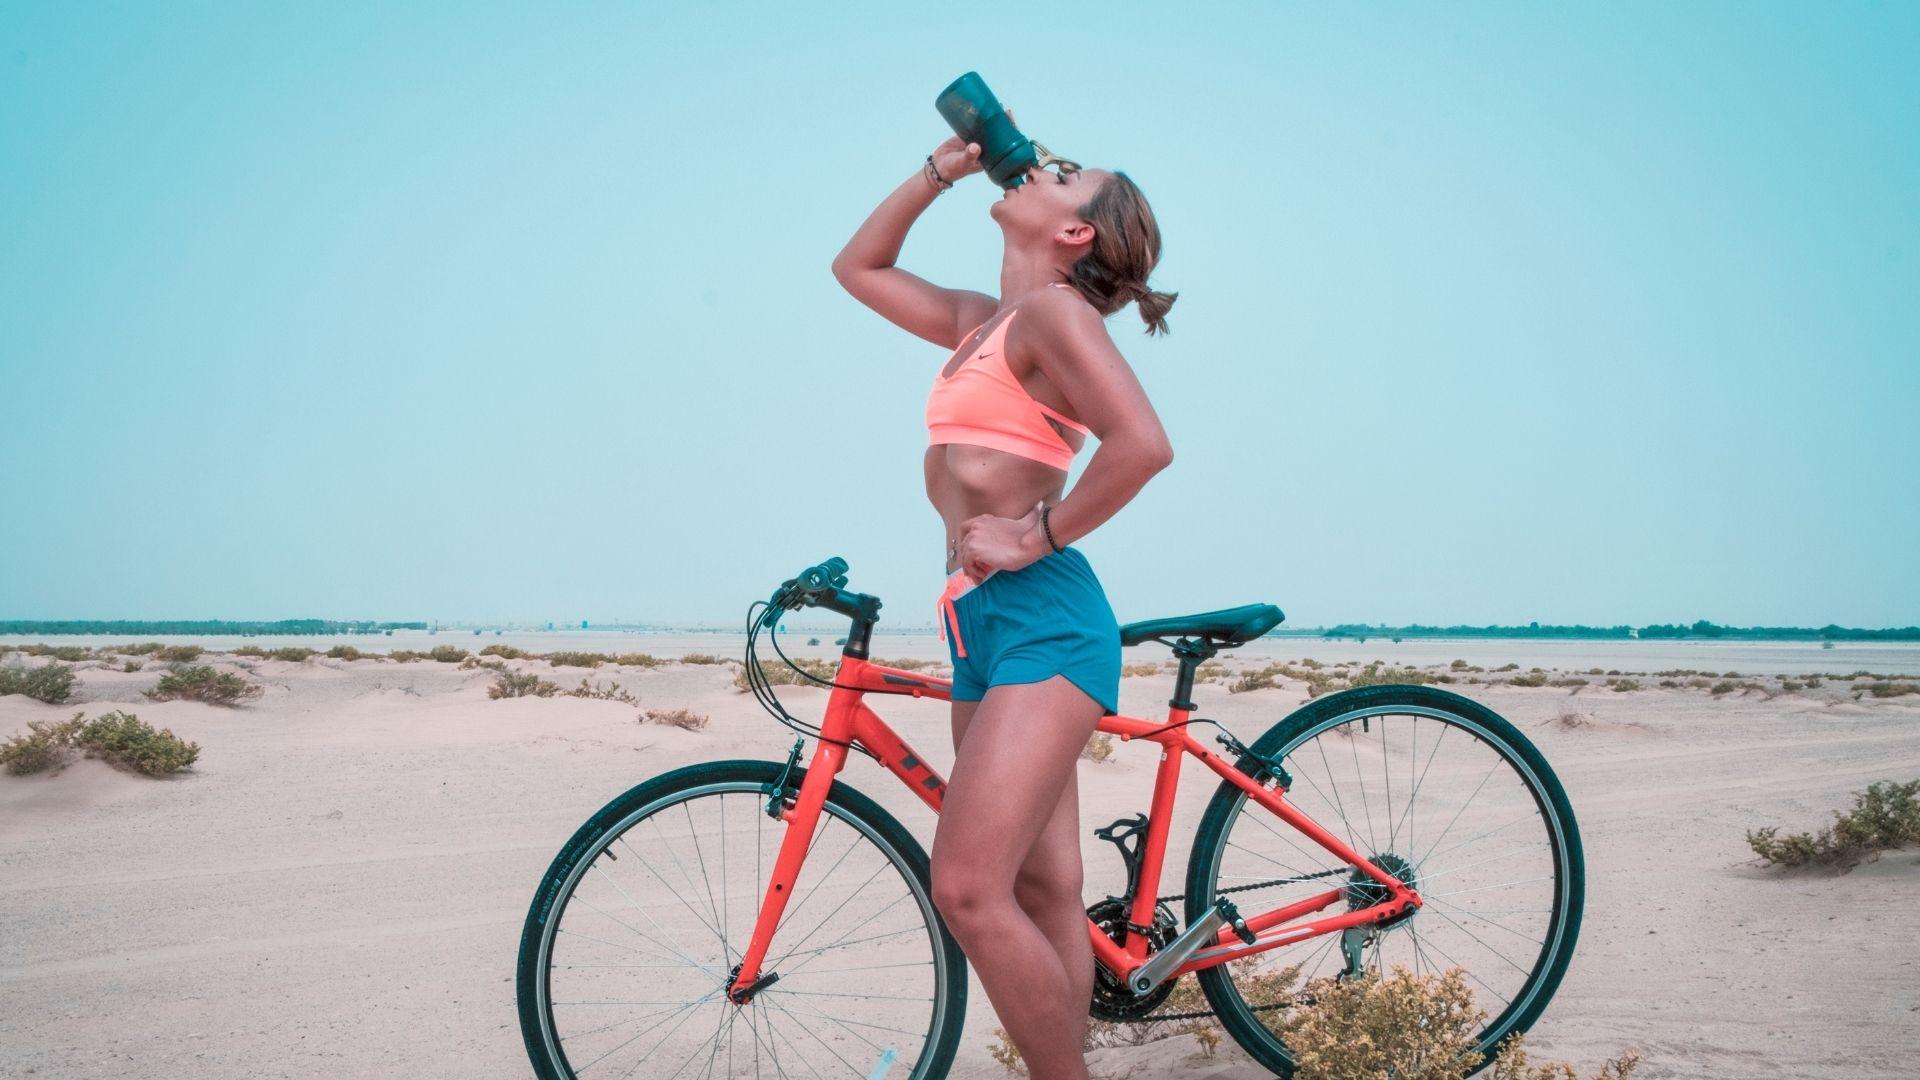 Ausgewogene Ernährung - Ausreichend Wasser trinken